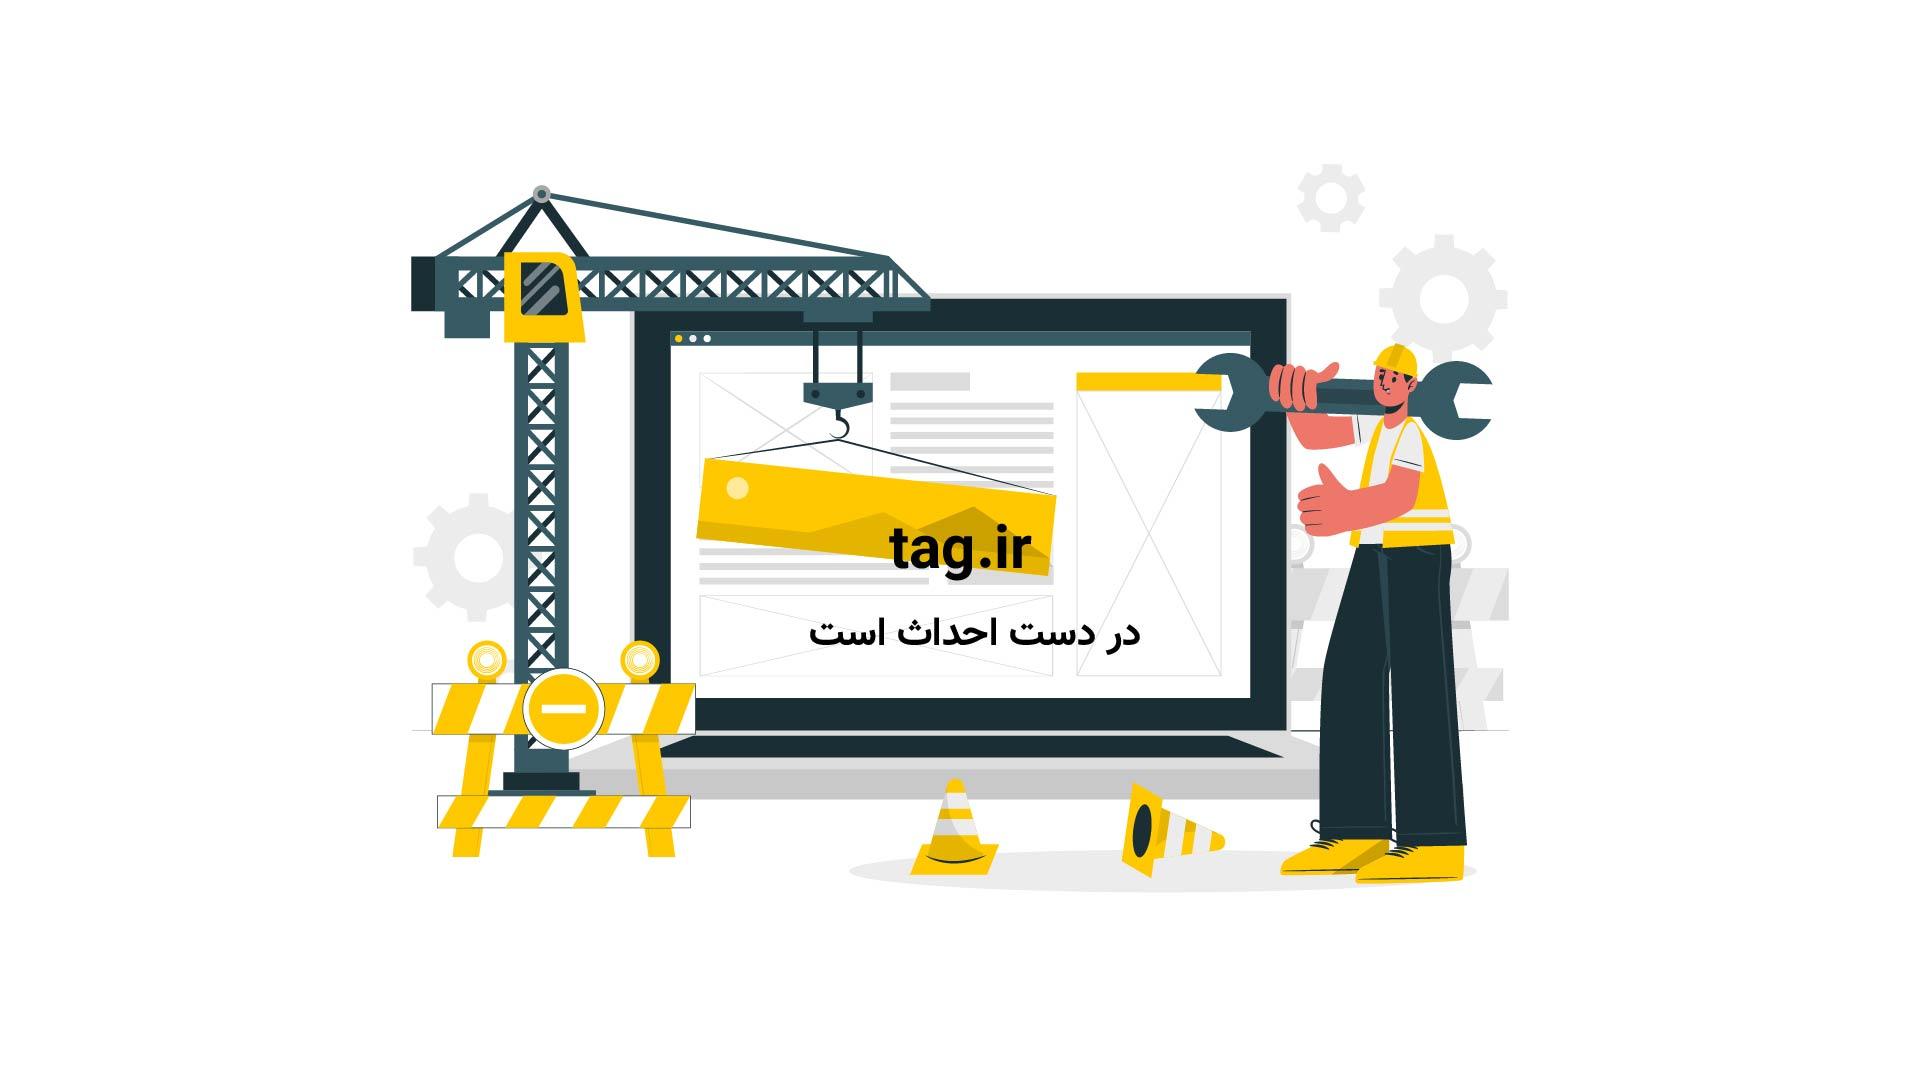 ساخت کریستال به شکل قلب با استفاده از زاج | فیلم